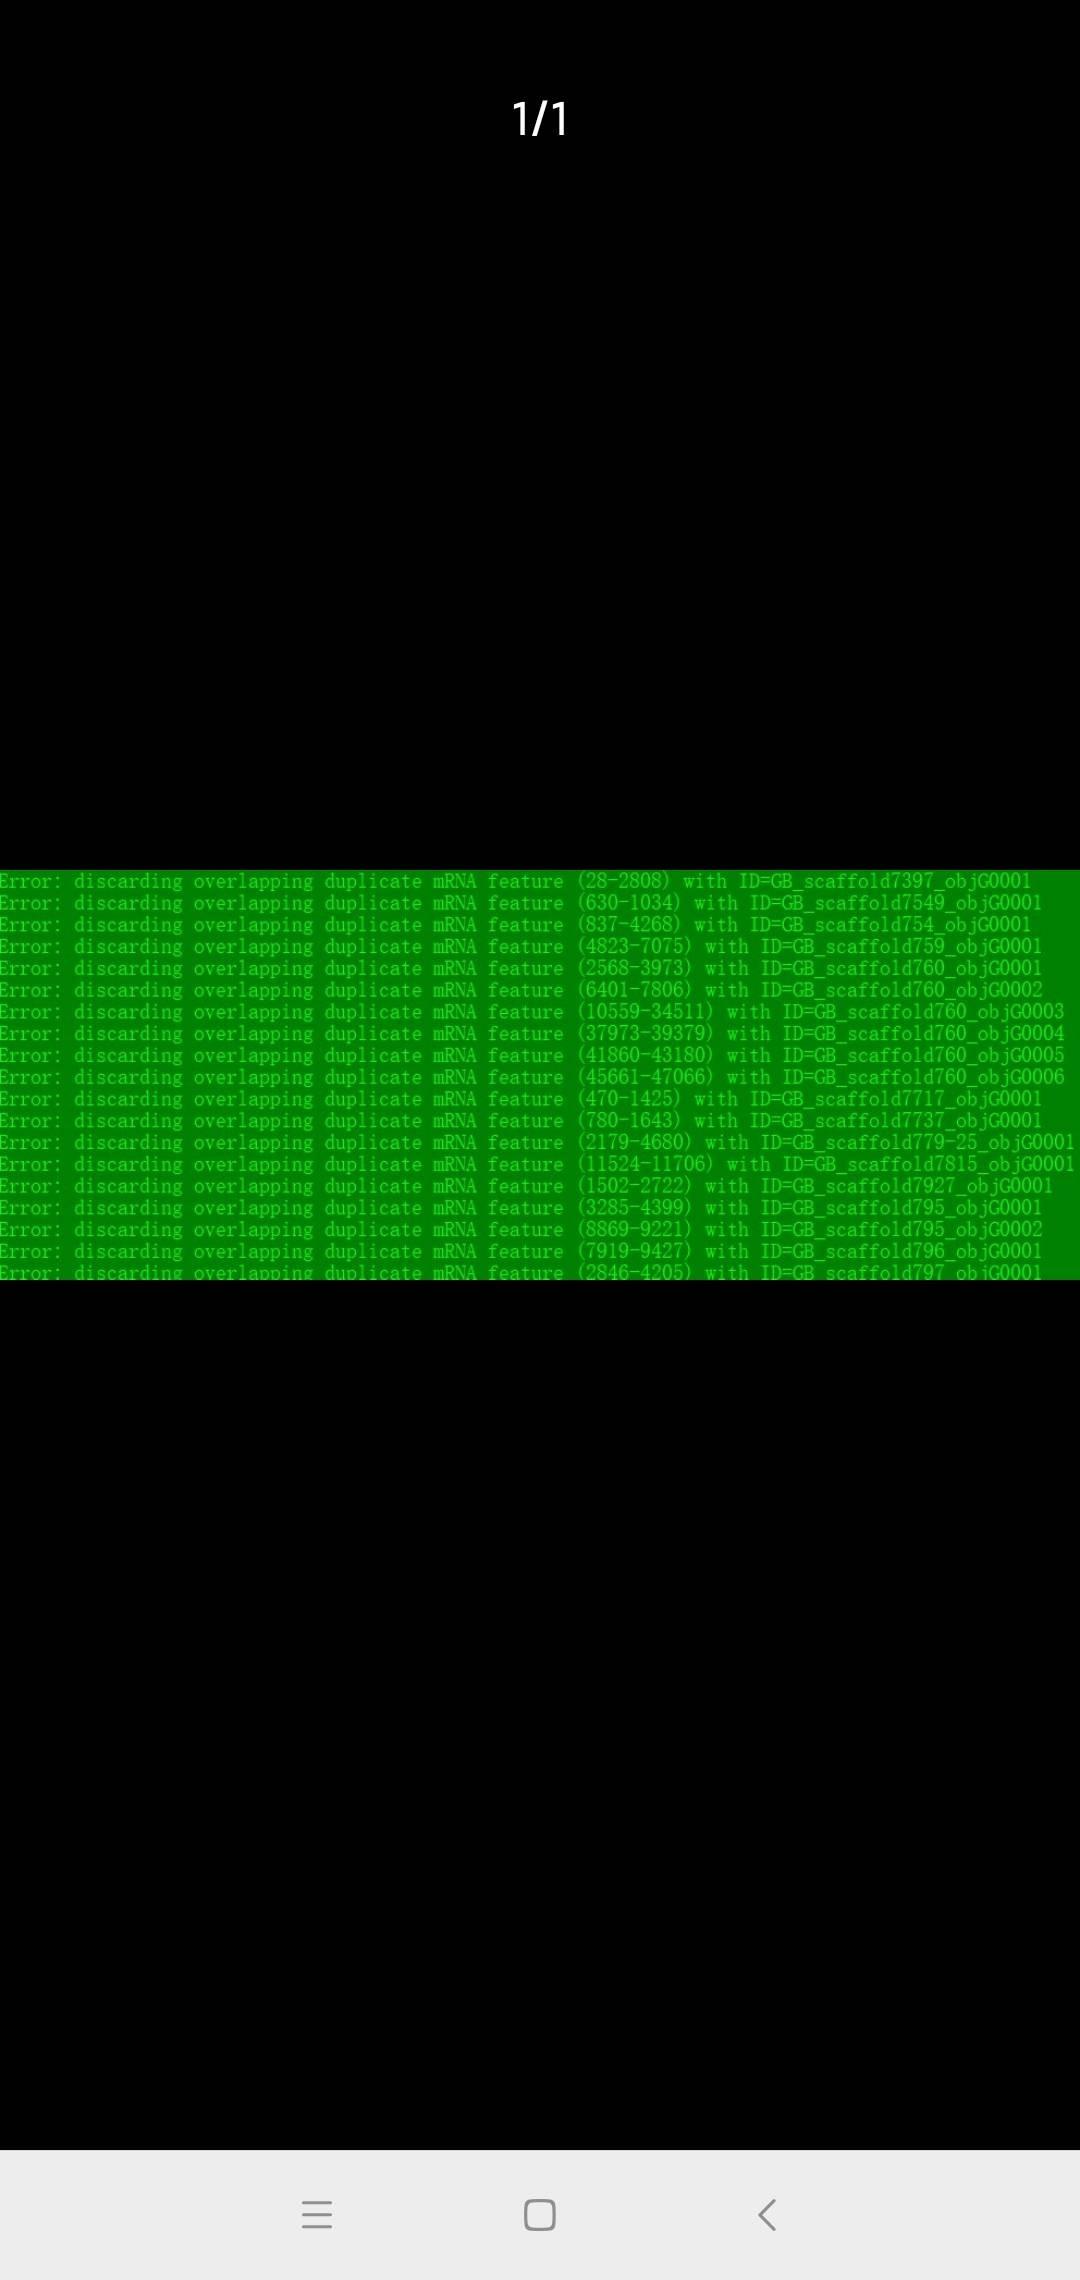 attachments-2020-11-jNGlk9yG5fb731b2230a6.jpg